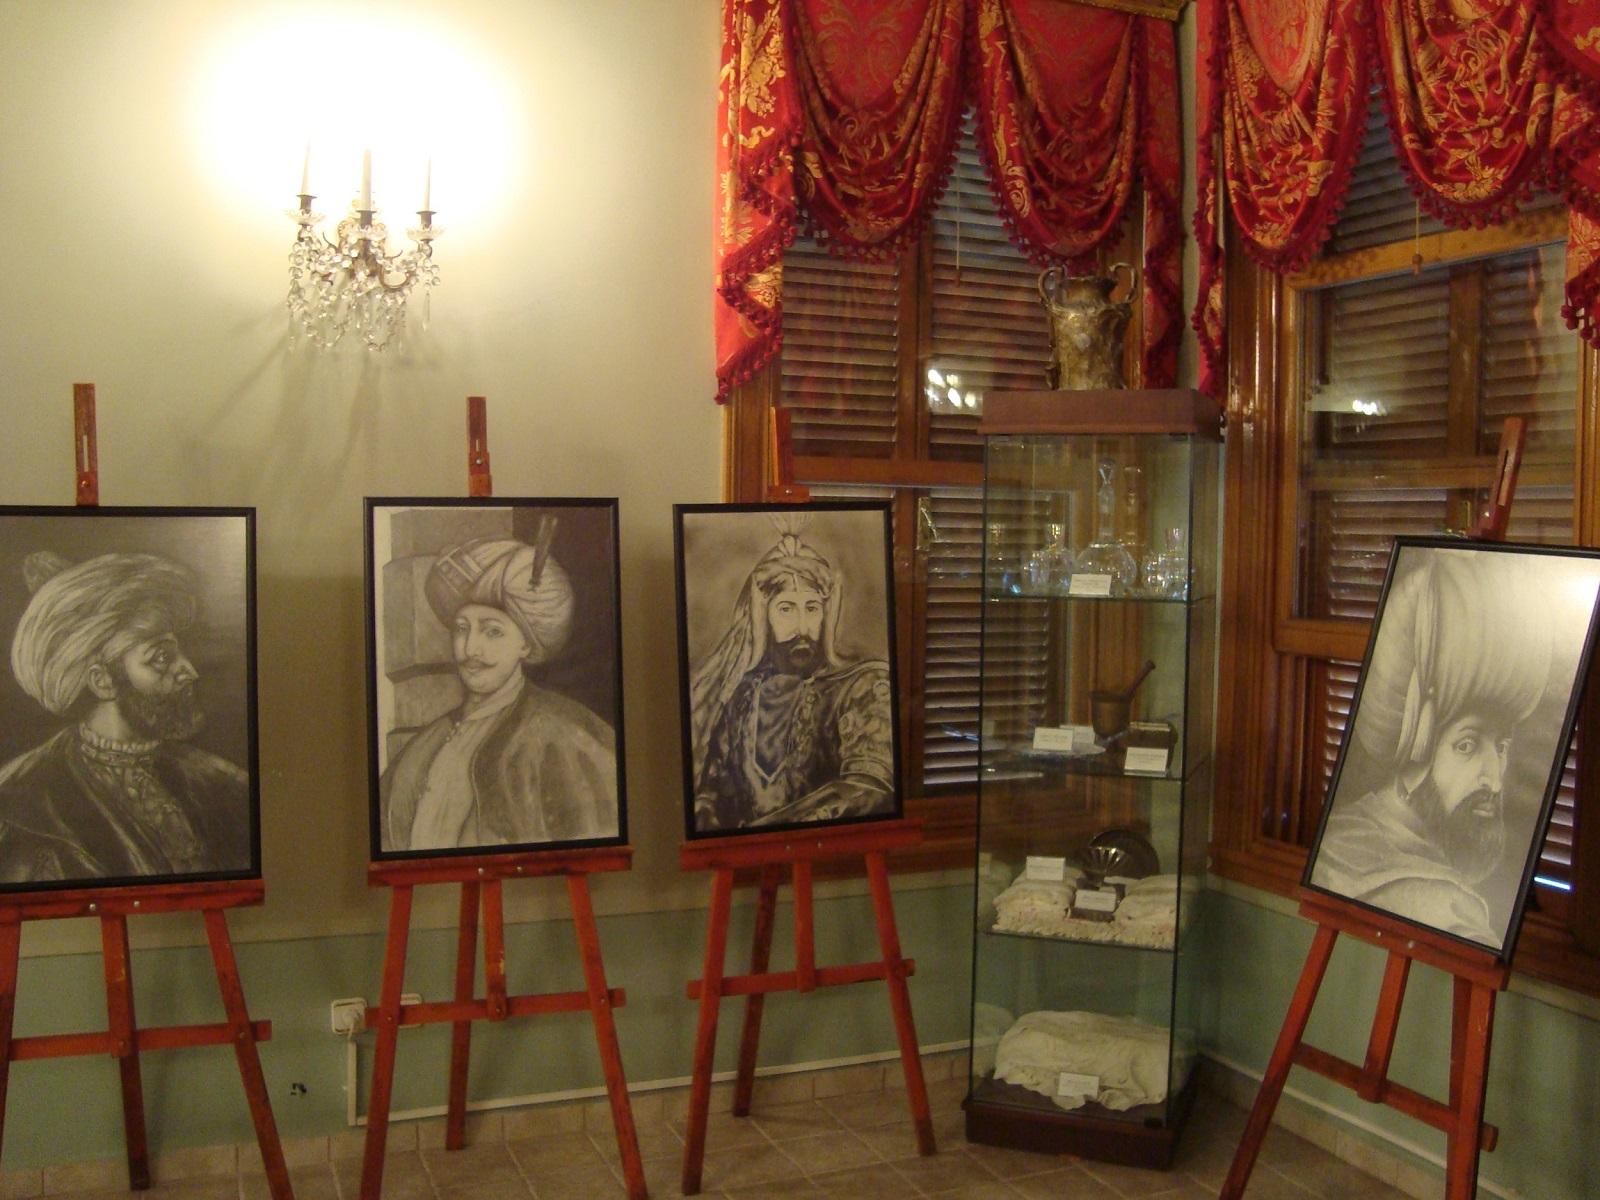 Ehzade Sultan Sultanzade Efendi Ve Hanımsultan Kimlere Denir Ottoman Empire Türk Büyükleri Kimdir Nedir Bilgi Osmanlısı